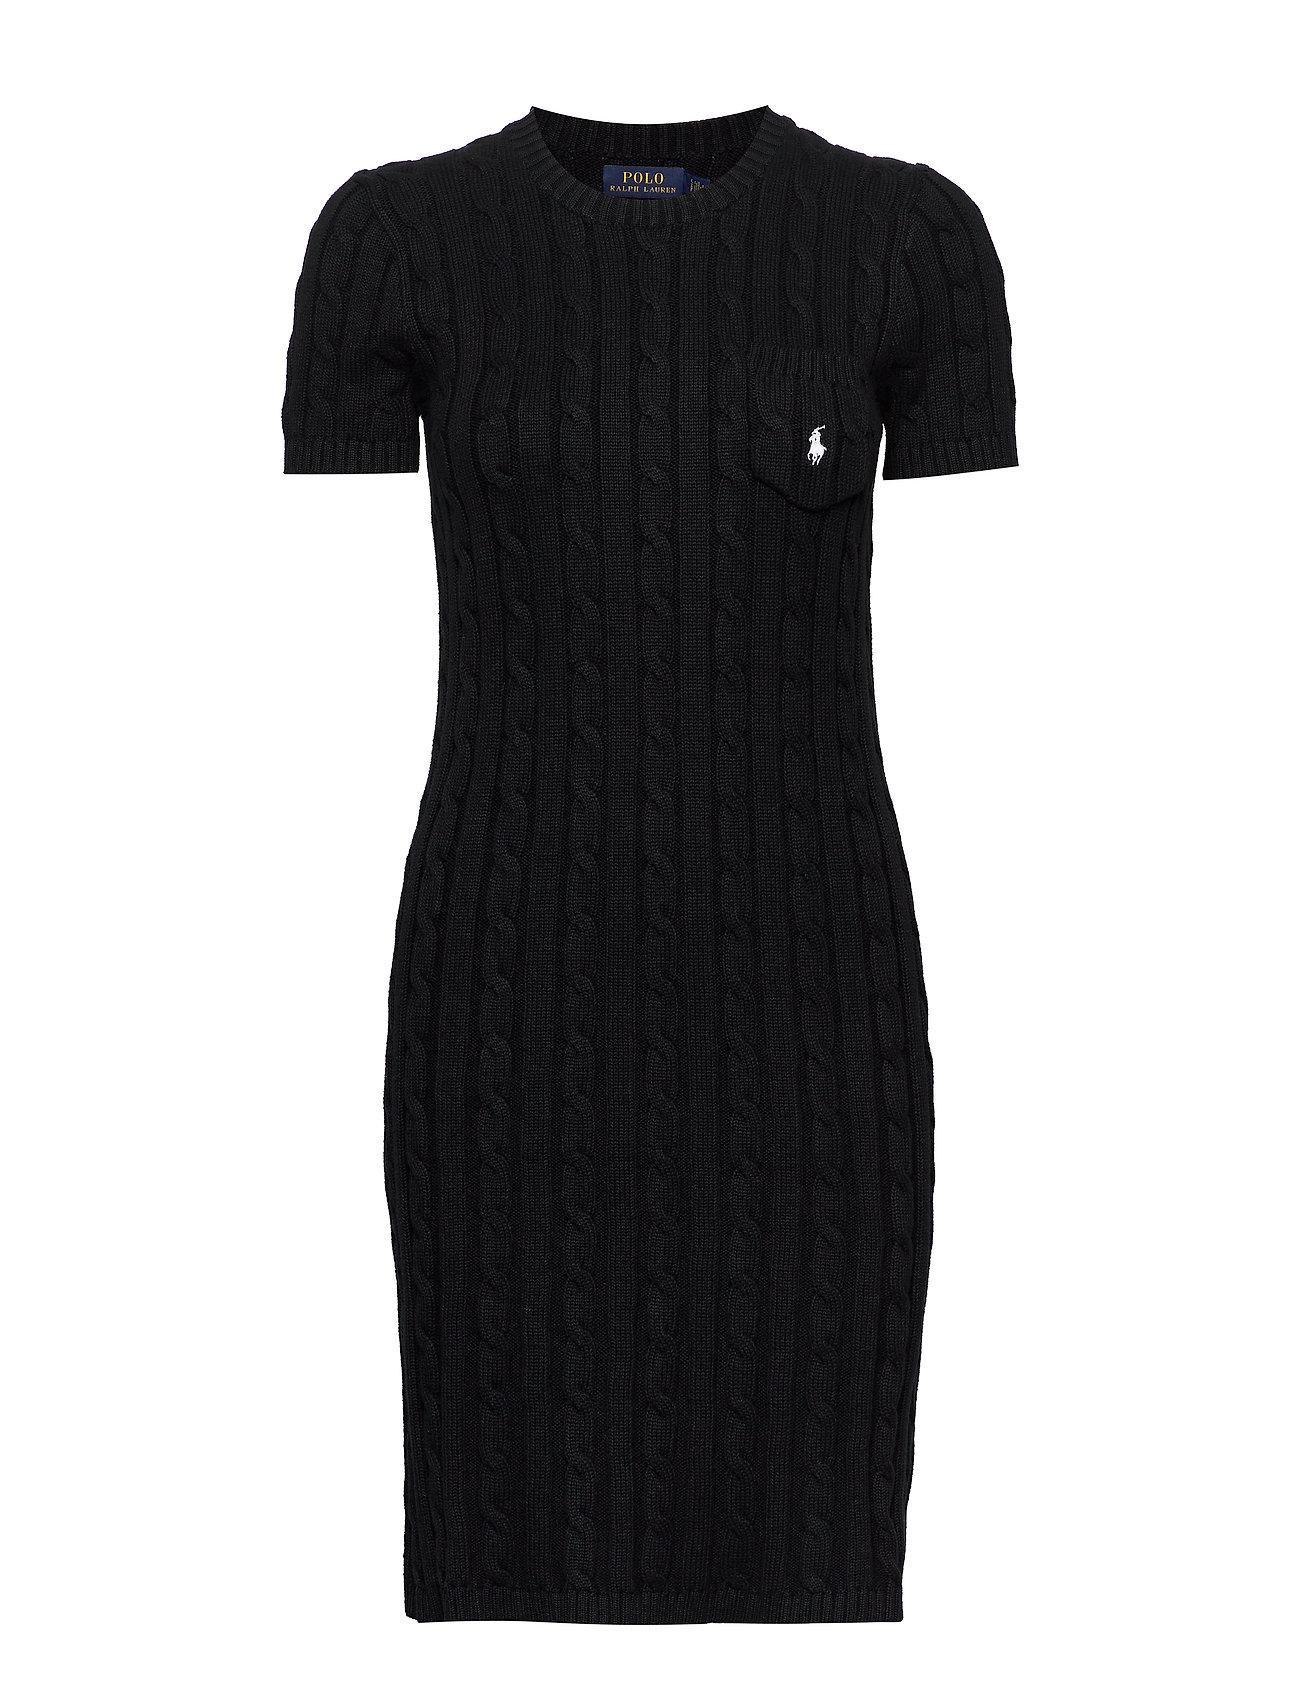 Polo Ralph Lauren Cable-Knit Cotton Dress - POLO BLACK